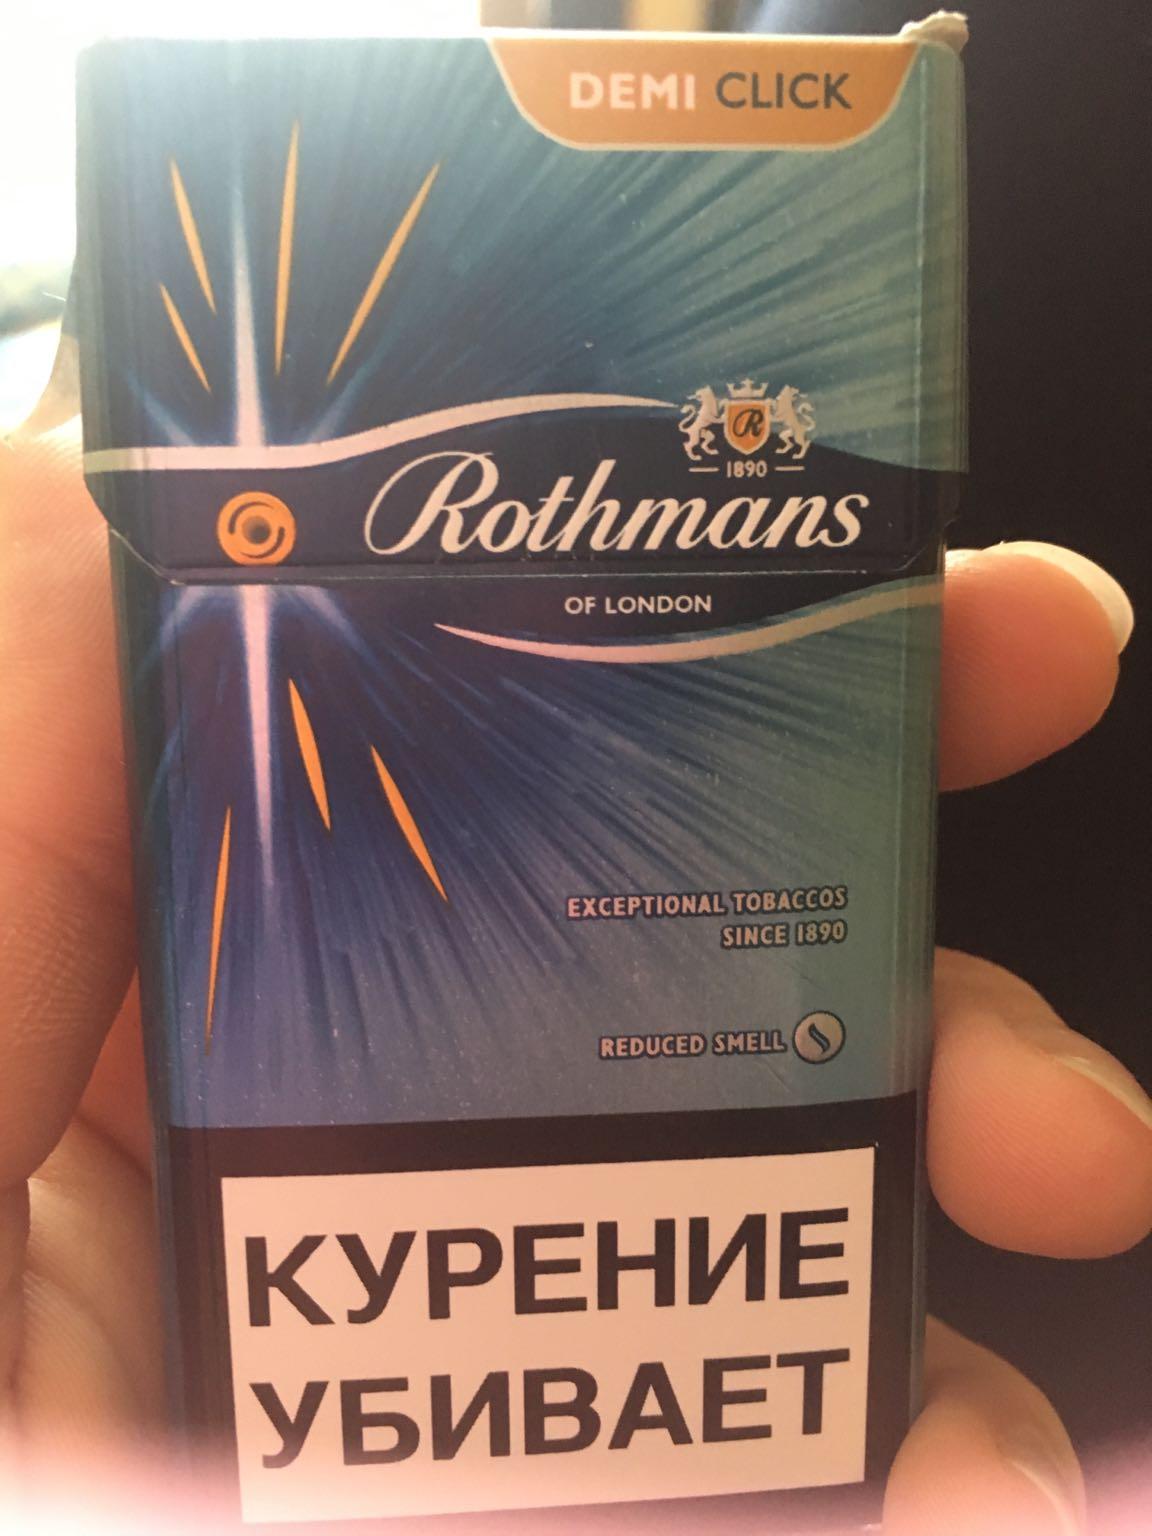 сигарет ротманс картинка одна бойцов, обладающая